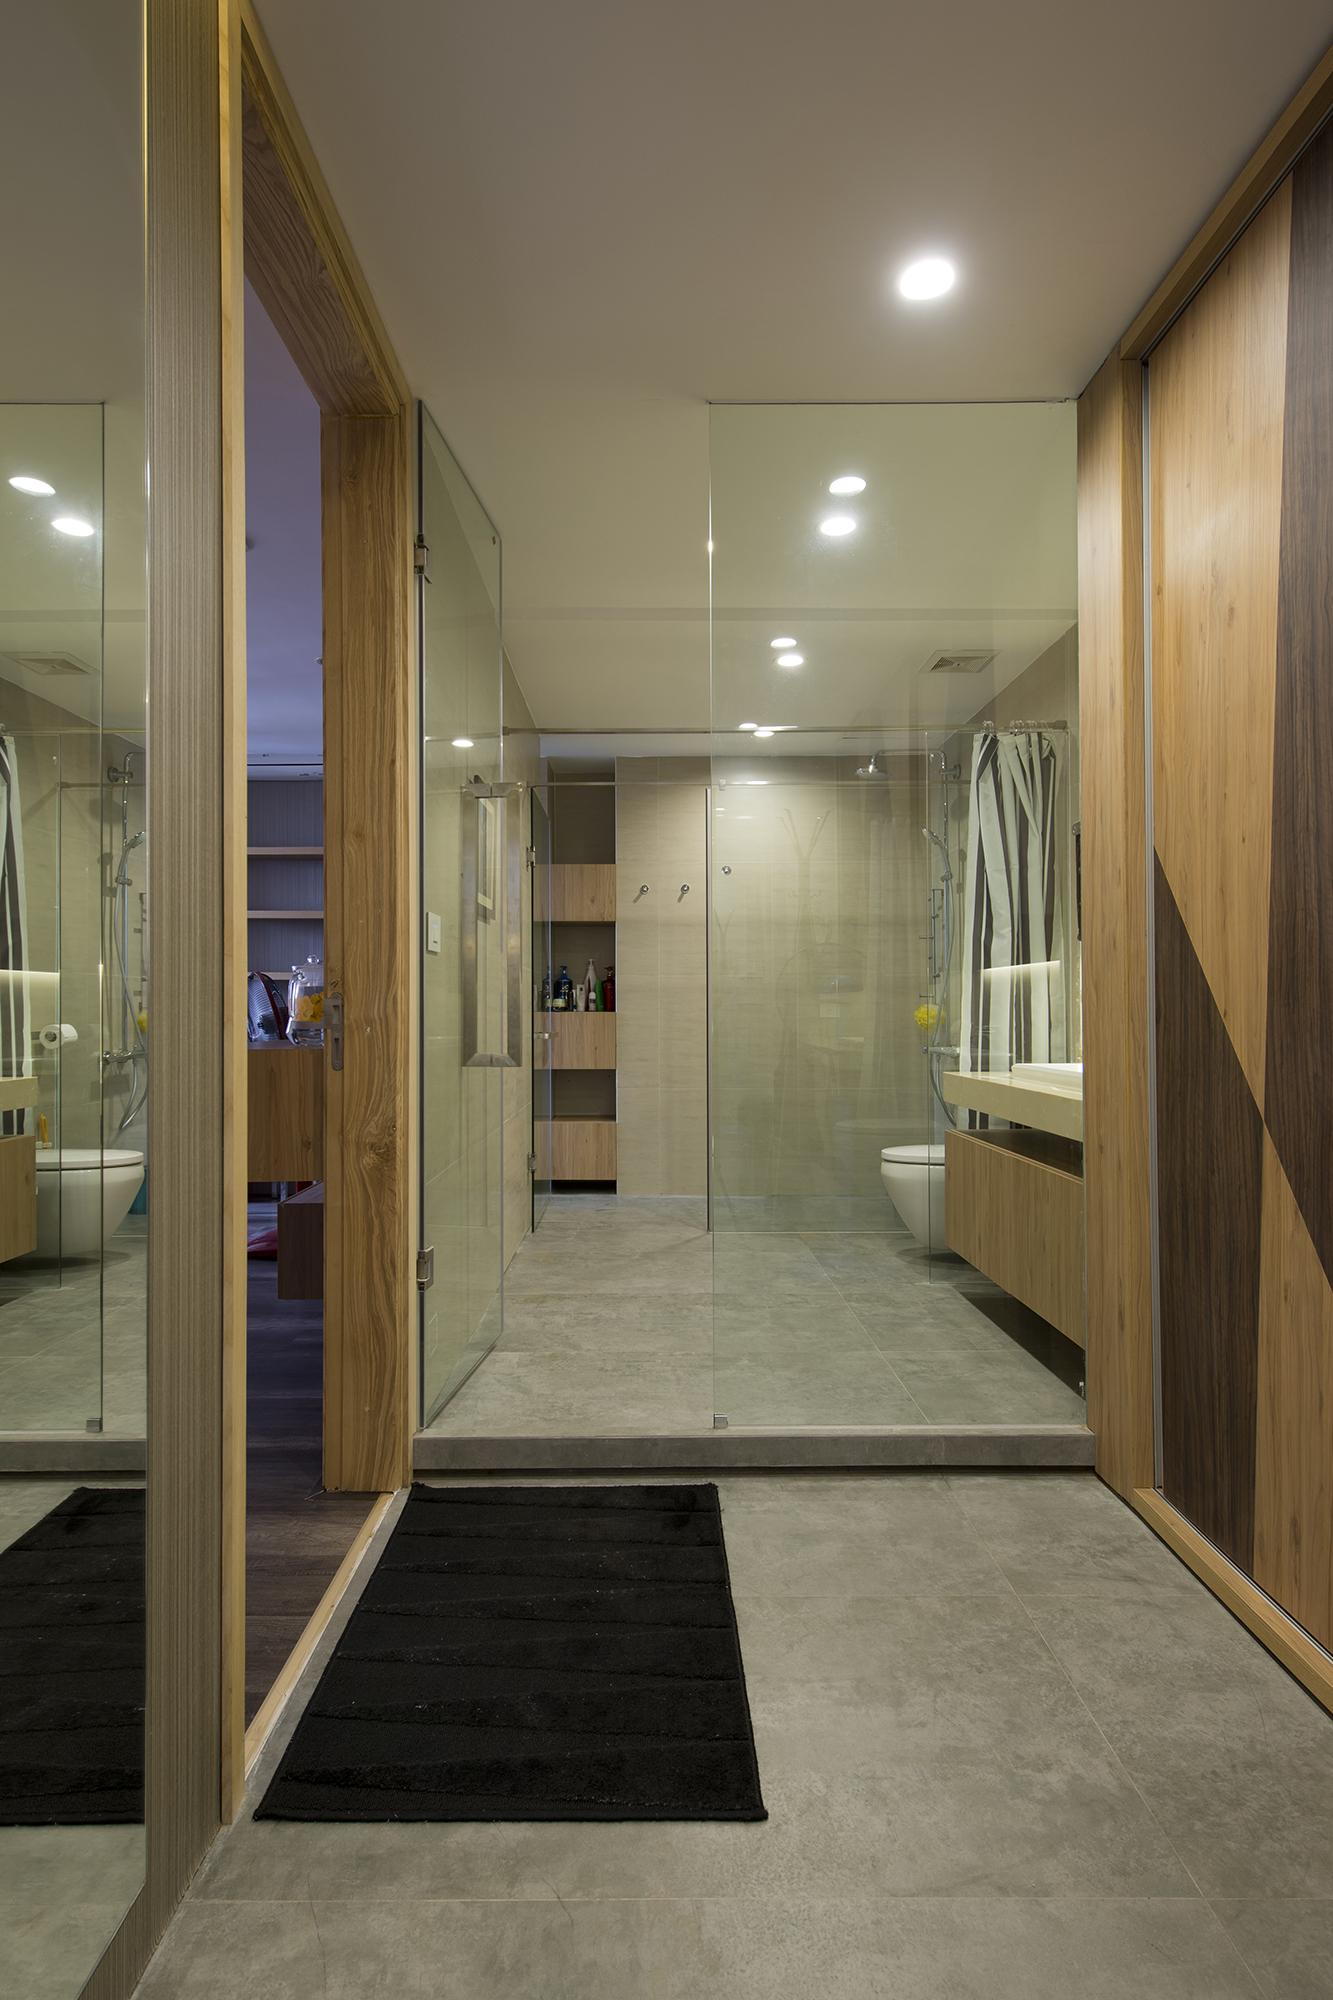 Sảnh phòng ngủ master là không giant hay đồ liên hoàn với vệ sinh. Chất liệu gạch bê tông kết hợp với kính, gỗ tạo nên một không gian thư giãn nhẹ nhàng cho gia chủ.